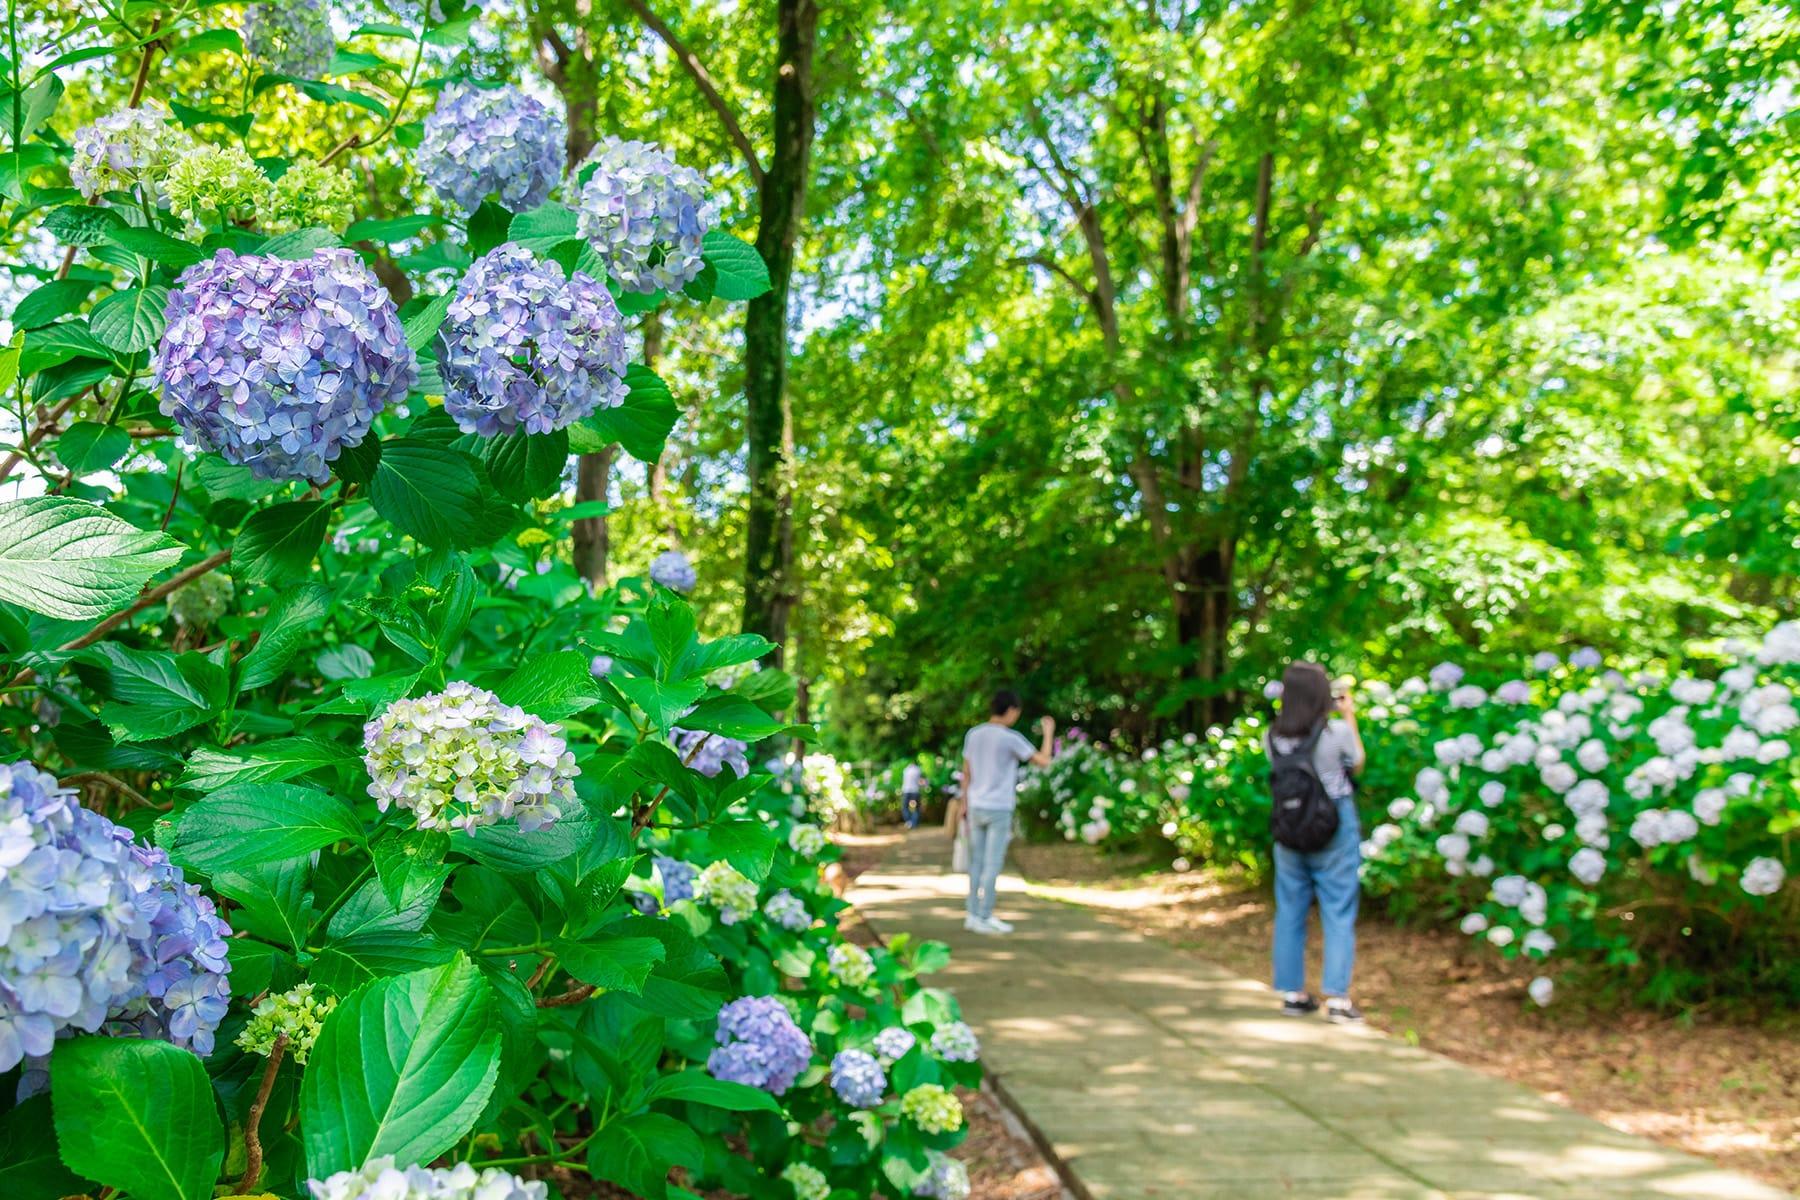 大宮公園の紫陽花と花菖蒲 | フォトさいたま